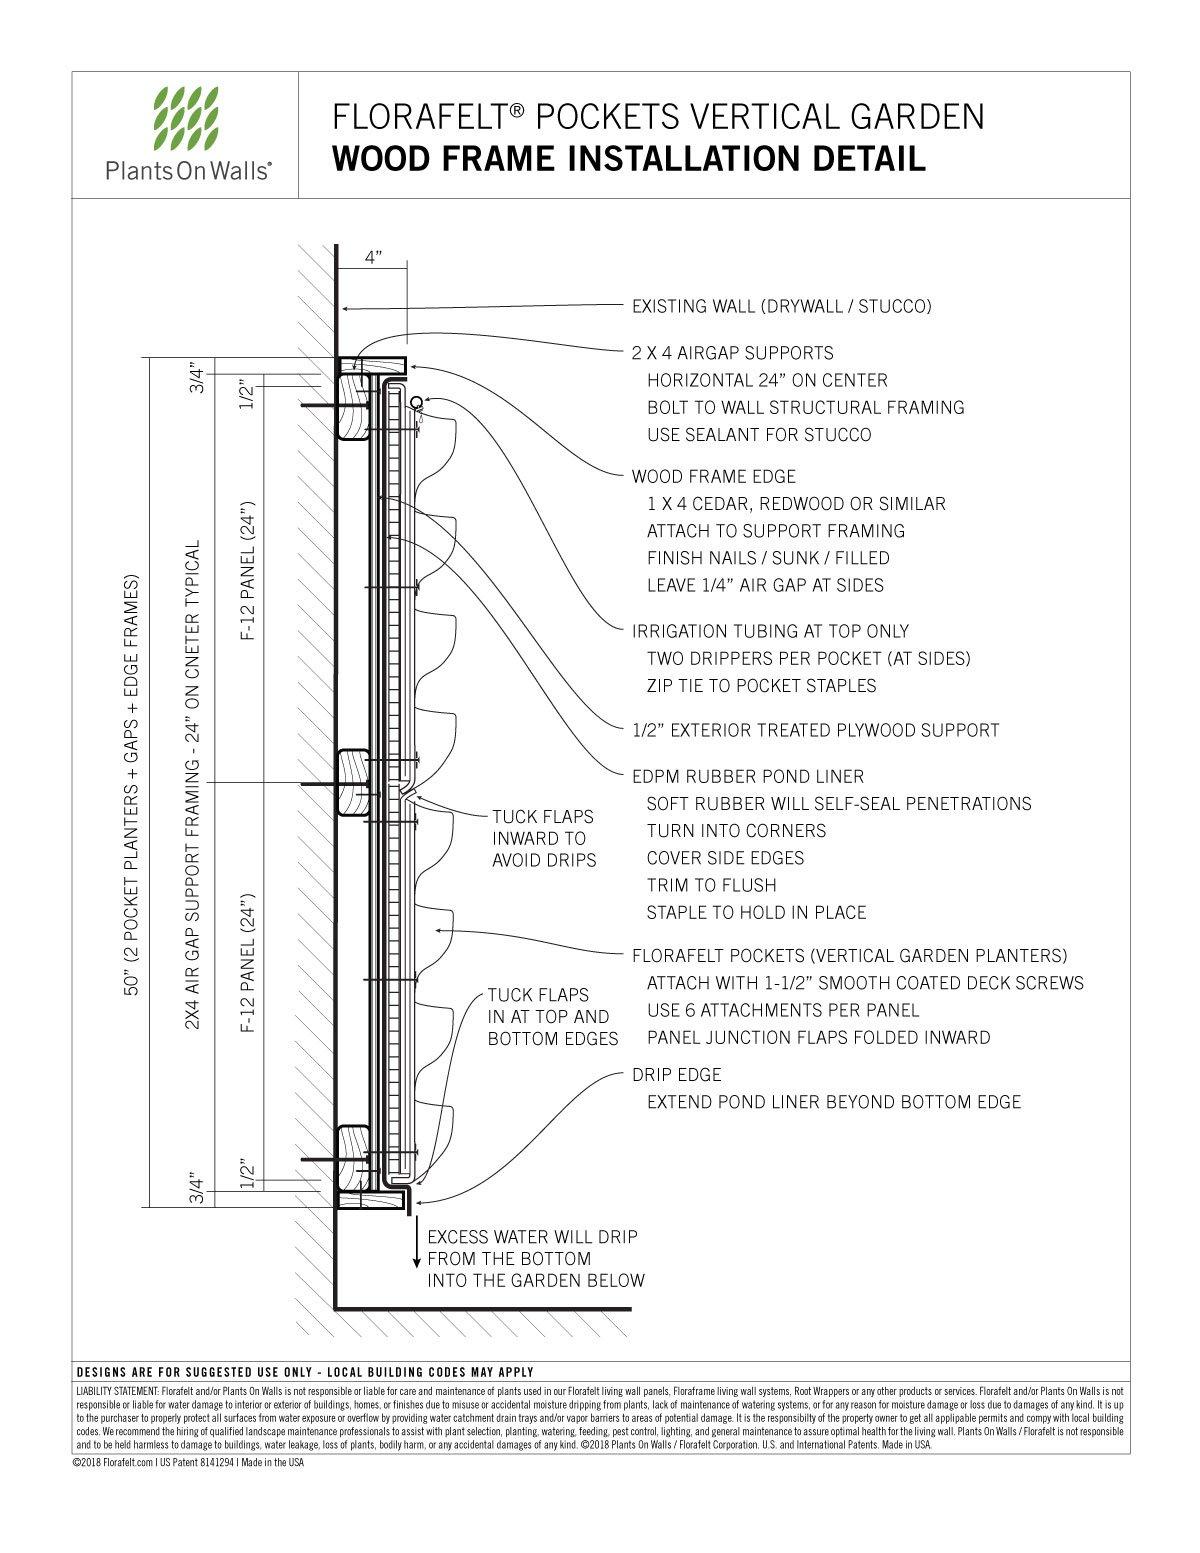 Florafelt Pocket Panel Wood Frame Installation Detail